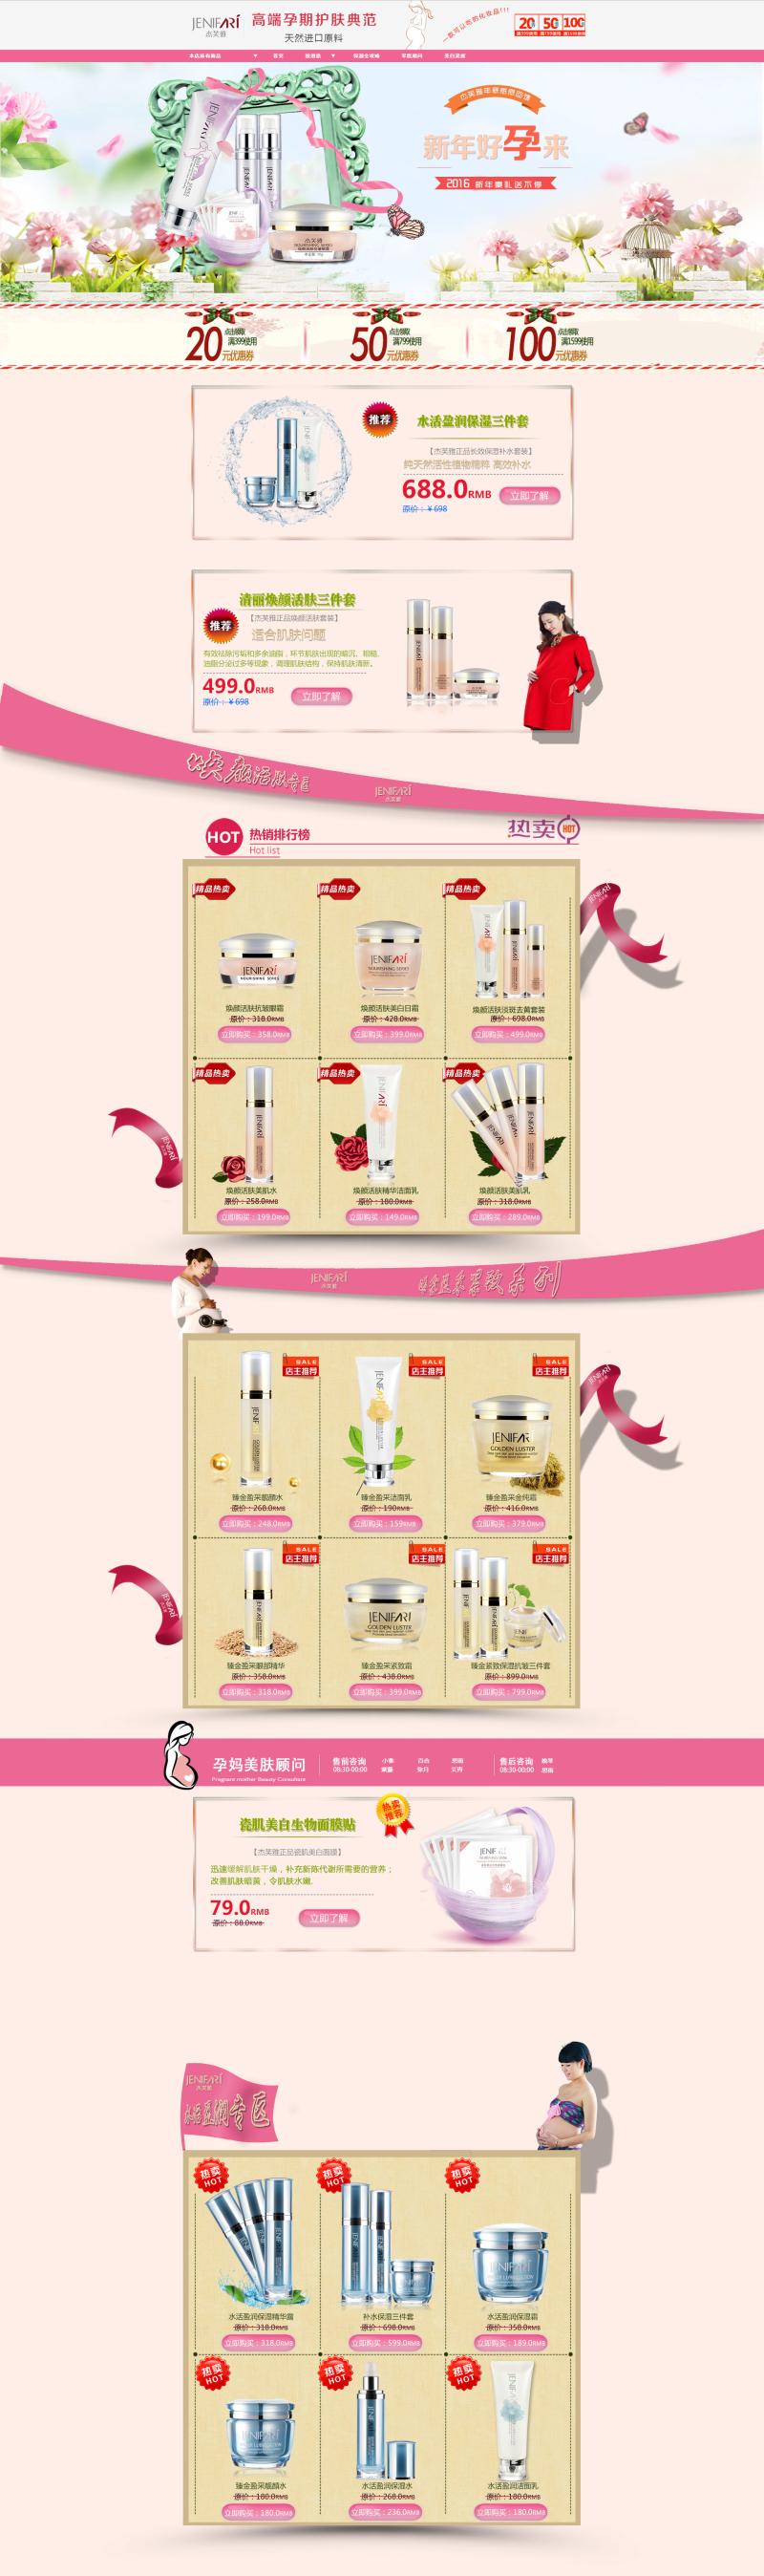 时尚化妆品个性首页设计